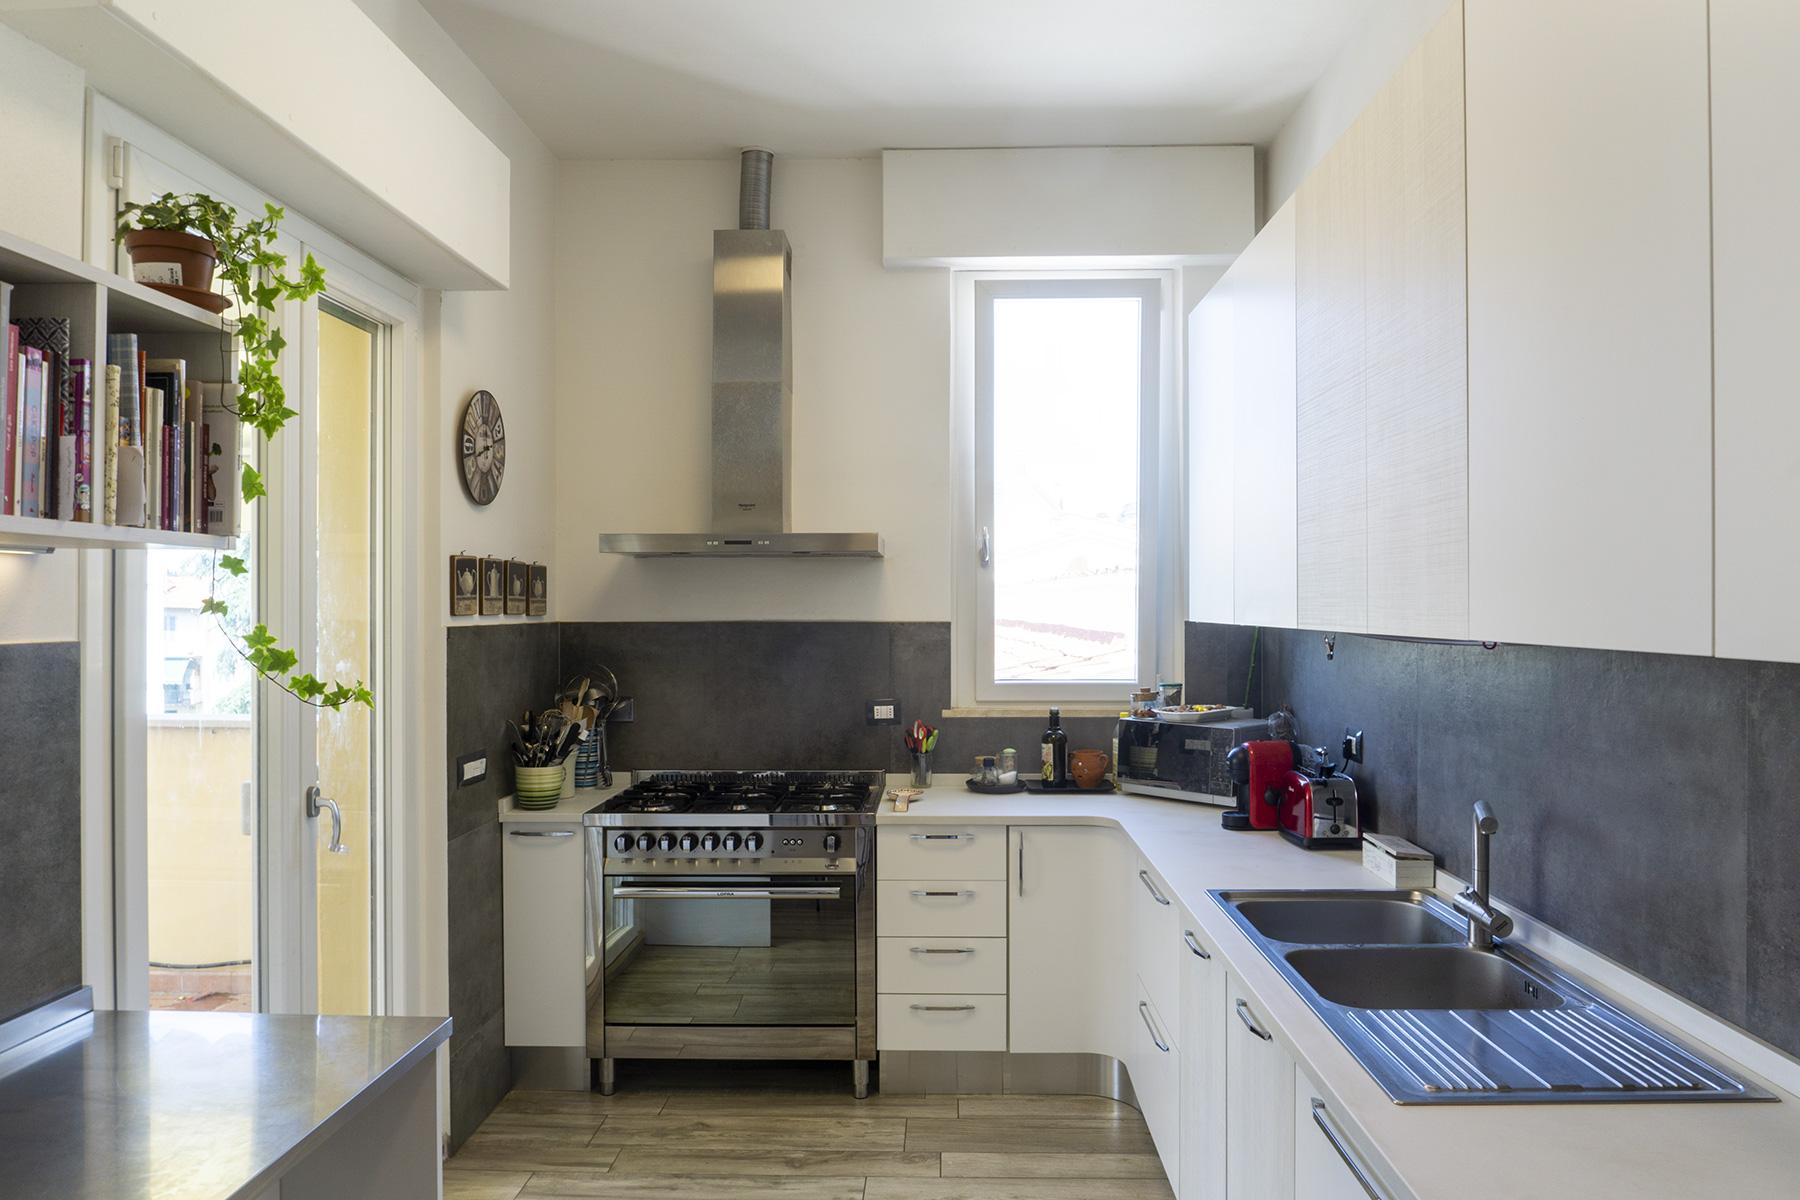 CASA MP - Dettaglio cucina con piano di lavoro di colore bianco opaco, lavabo e cappa in acciaio, rivestimento a parete lastre di colore scuro grande formato - Tommaso Vecci